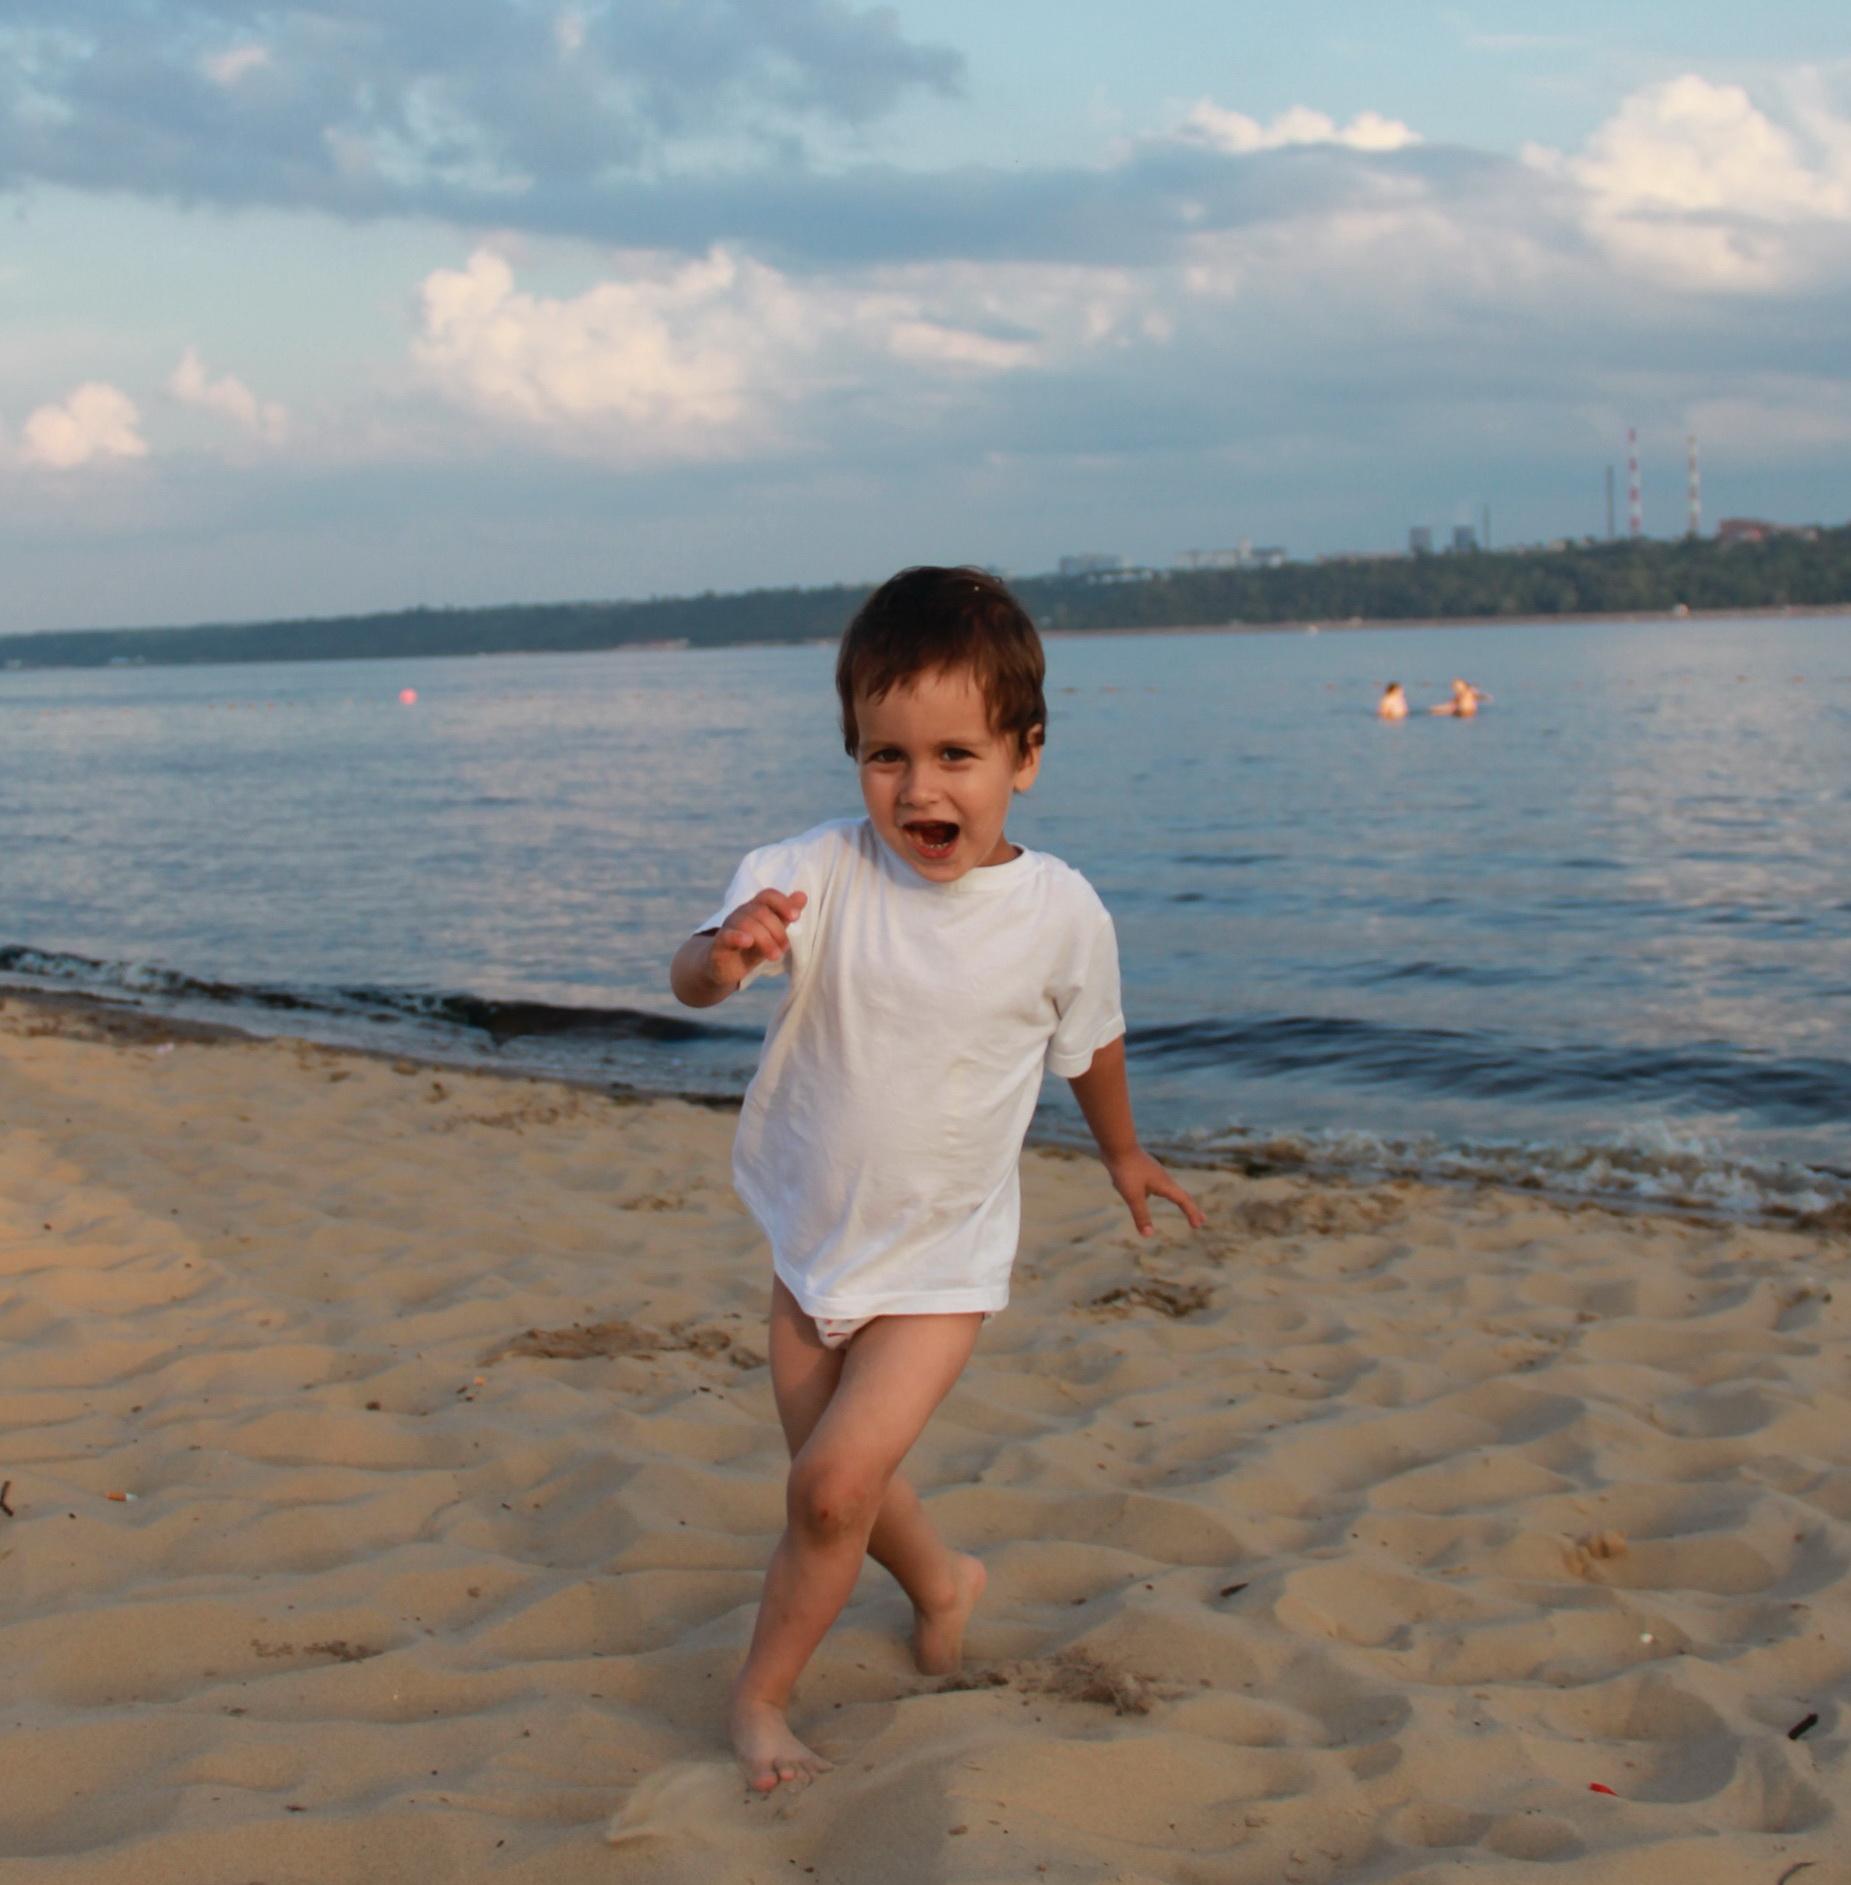 'Солнце, воздух и вода - мои лучшие друзья!'. Самый сильный и здоровый!